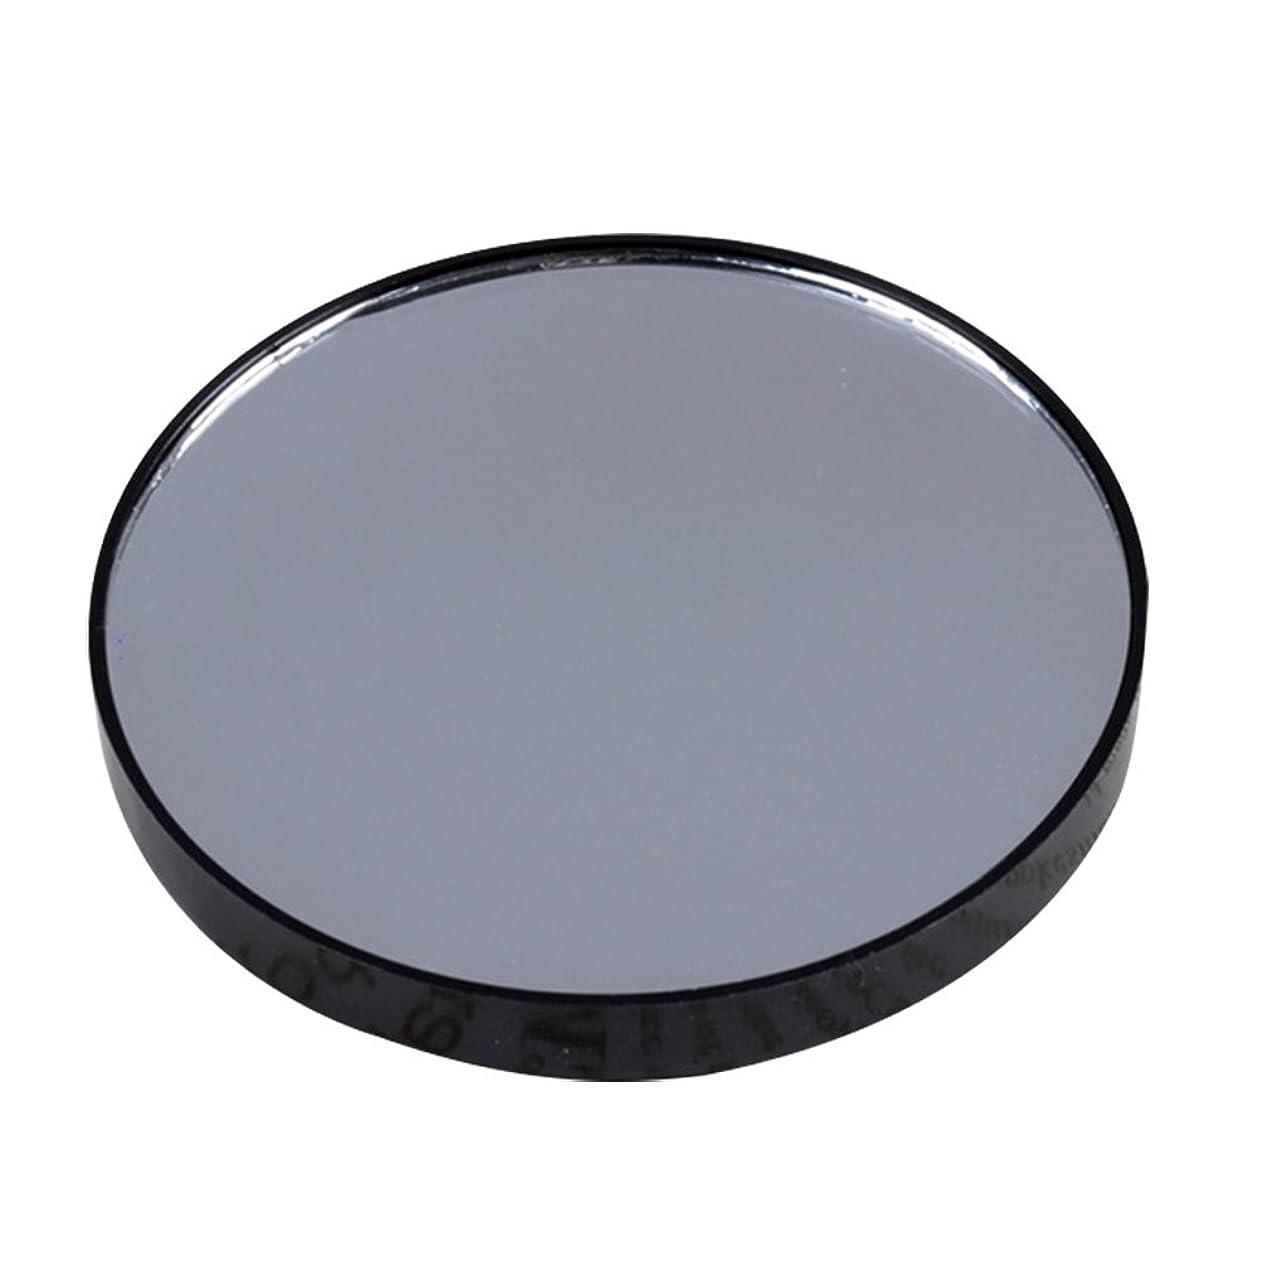 拳顎ブルジョンYideaHome メイクアップミラー 化粧鏡 拡大鏡 5倍 10倍 15倍 強力吸盤付き メイクミラー 化粧ミラー (5倍)